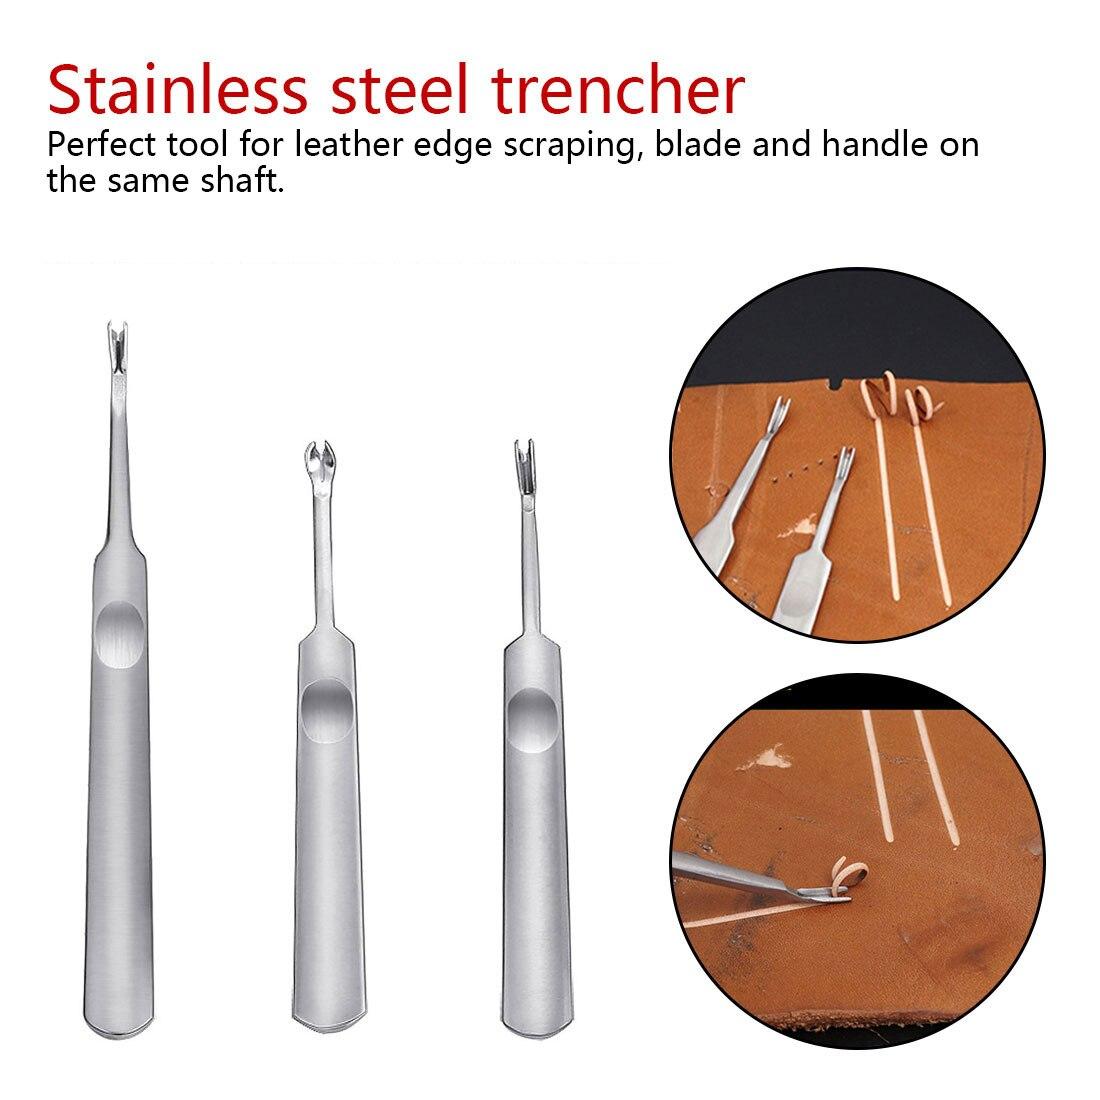 3 uds. Cuchillo de cuero fino «U V» herramienta de corte DIY dispositivo para abrir zanjas herramientas de artesanía de cuero